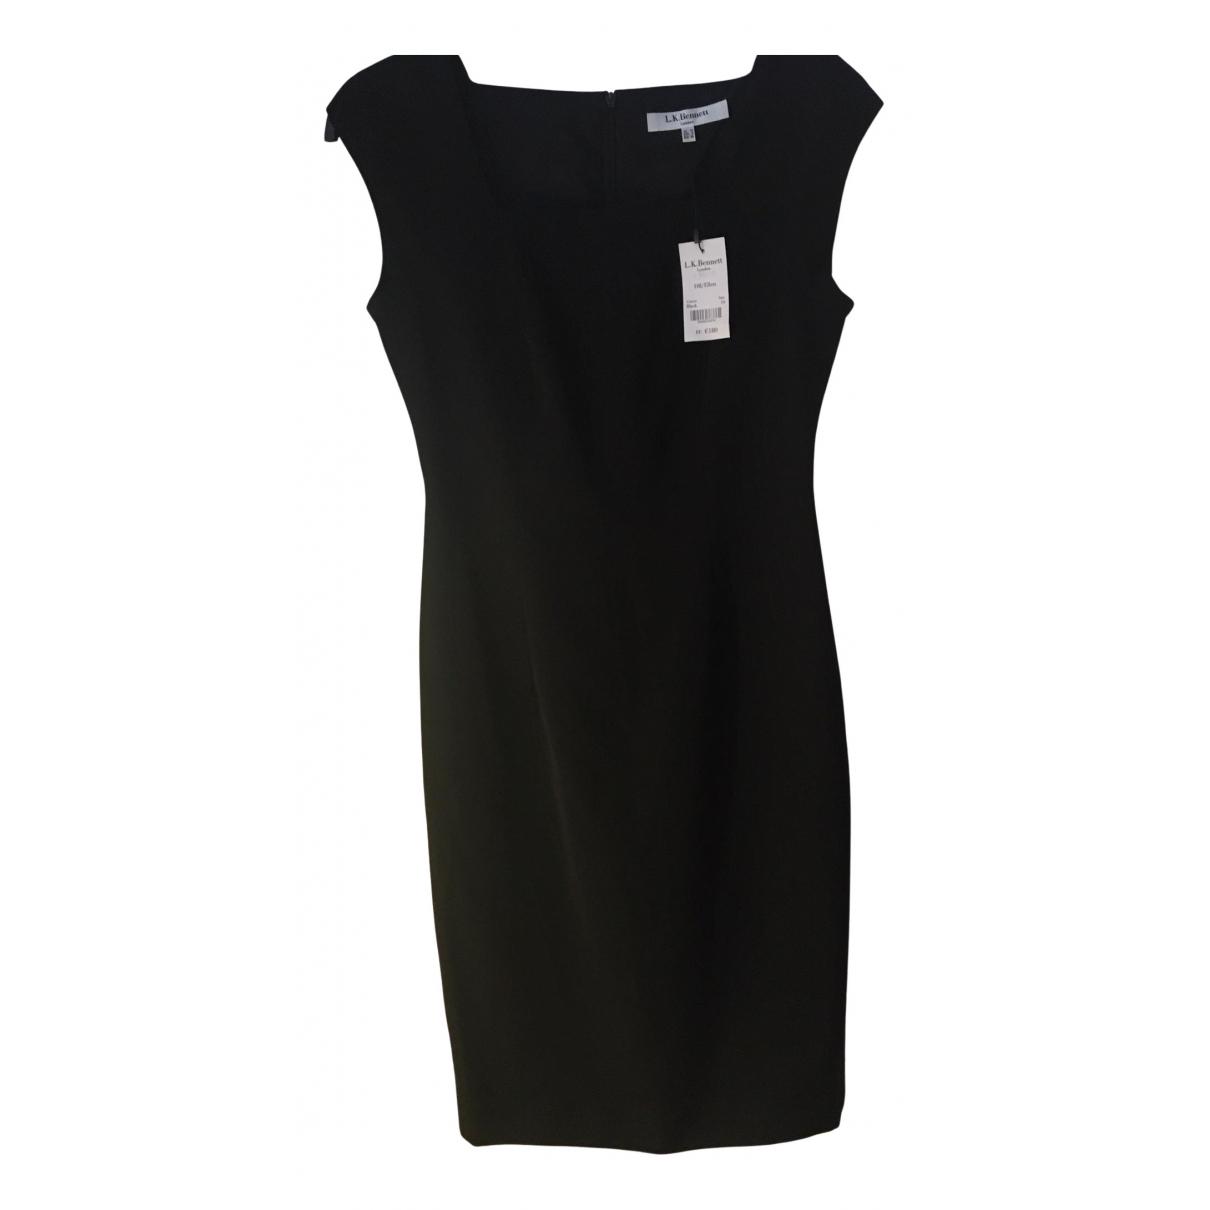 Lk Bennett - Robe   pour femme en laine - noir